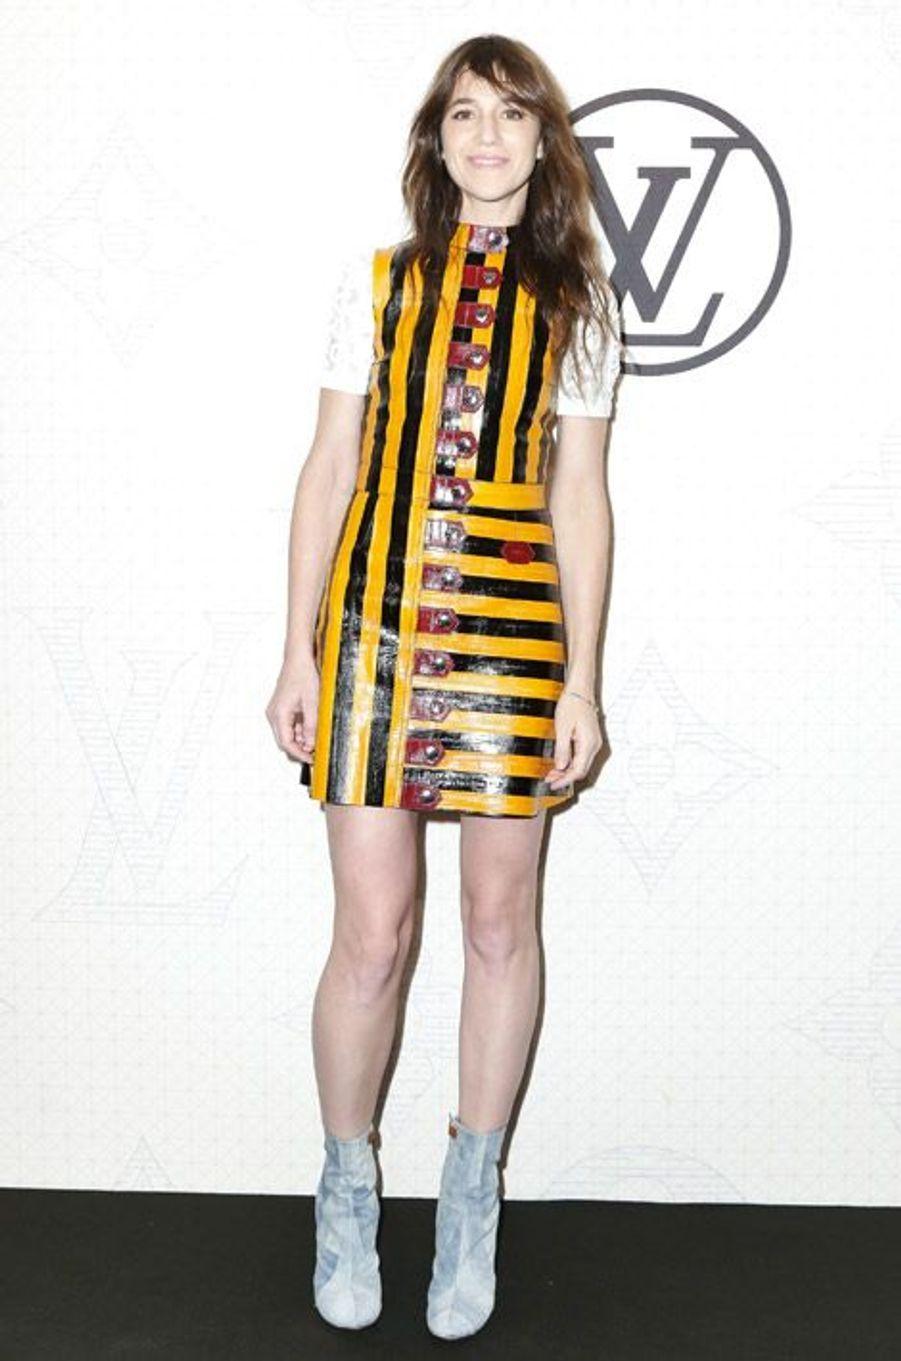 L'actrice Charlotte Gainsbourg lors de la soirée Louis Vuitton à New York, le 7 novembre 2014